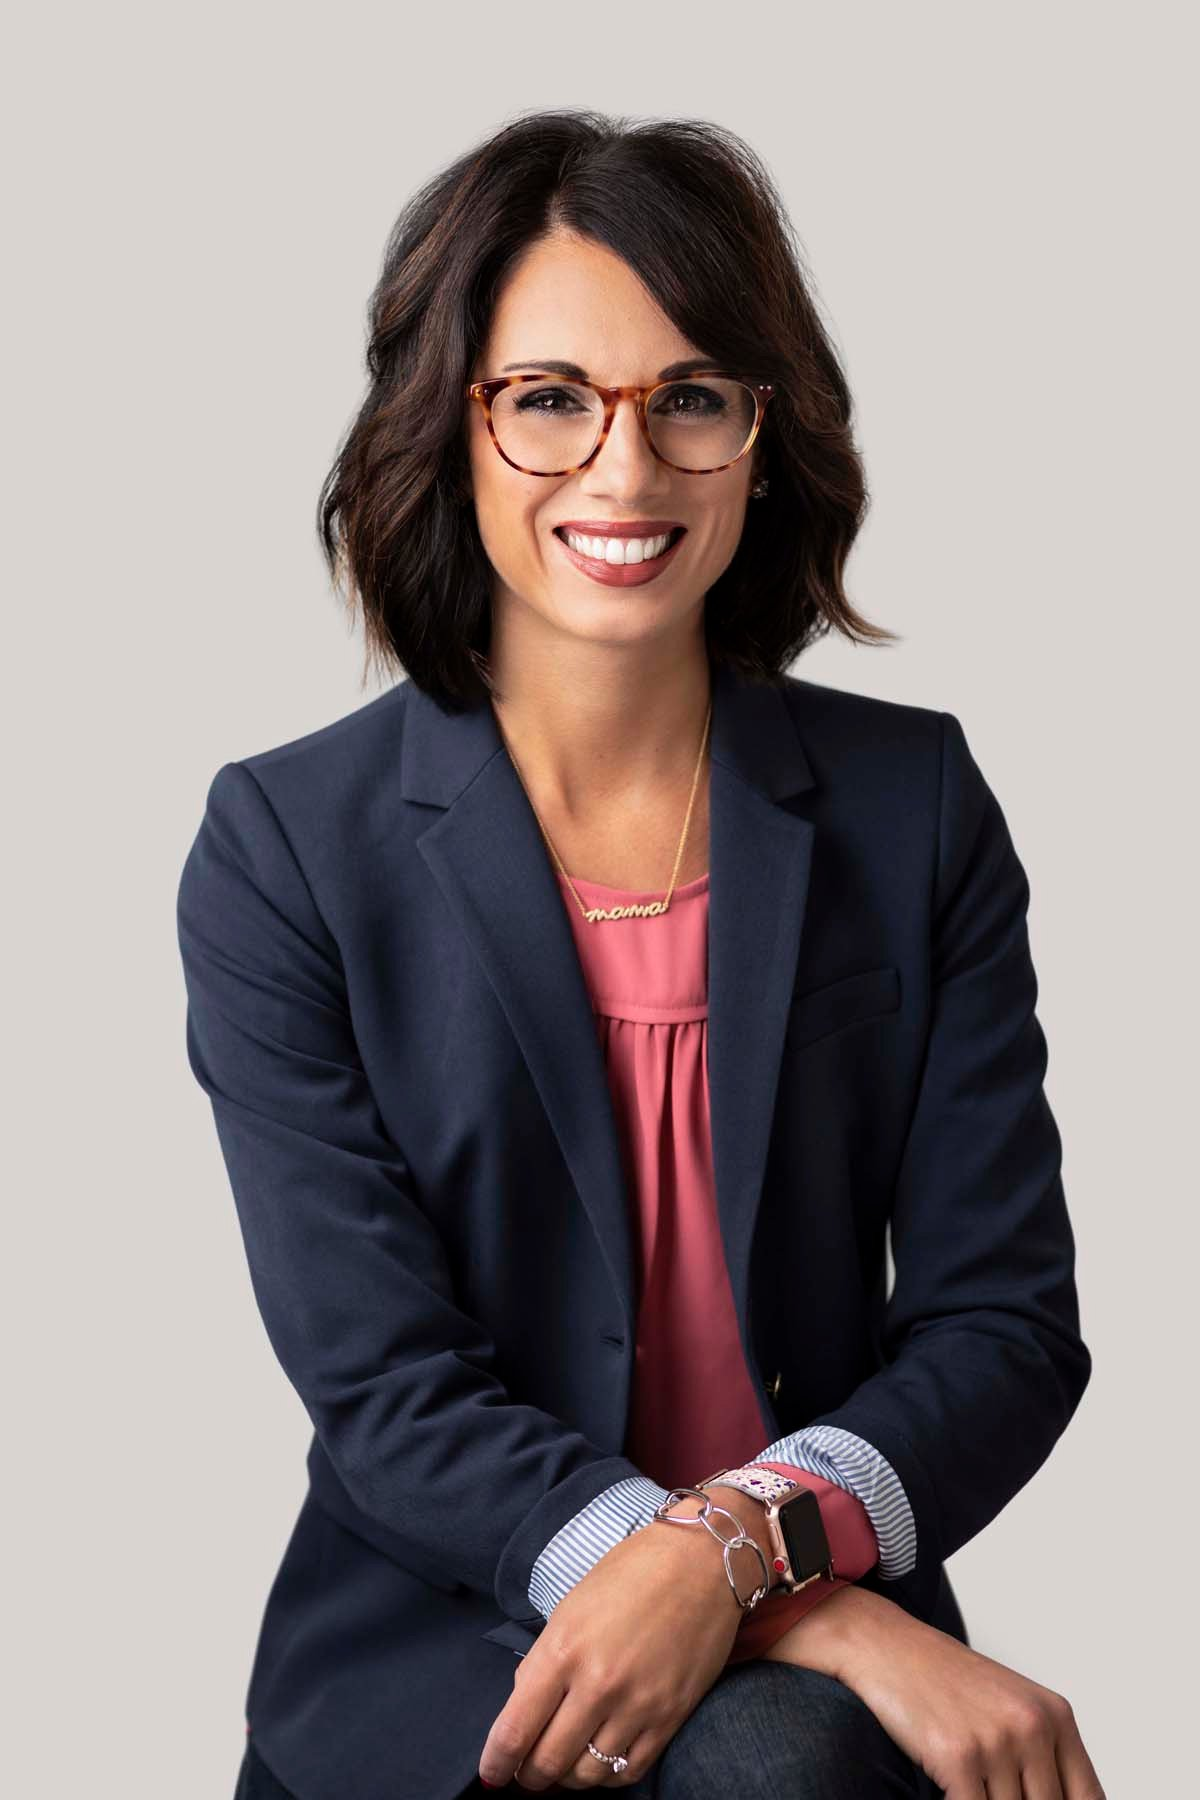 Lindsay Kronemeyer